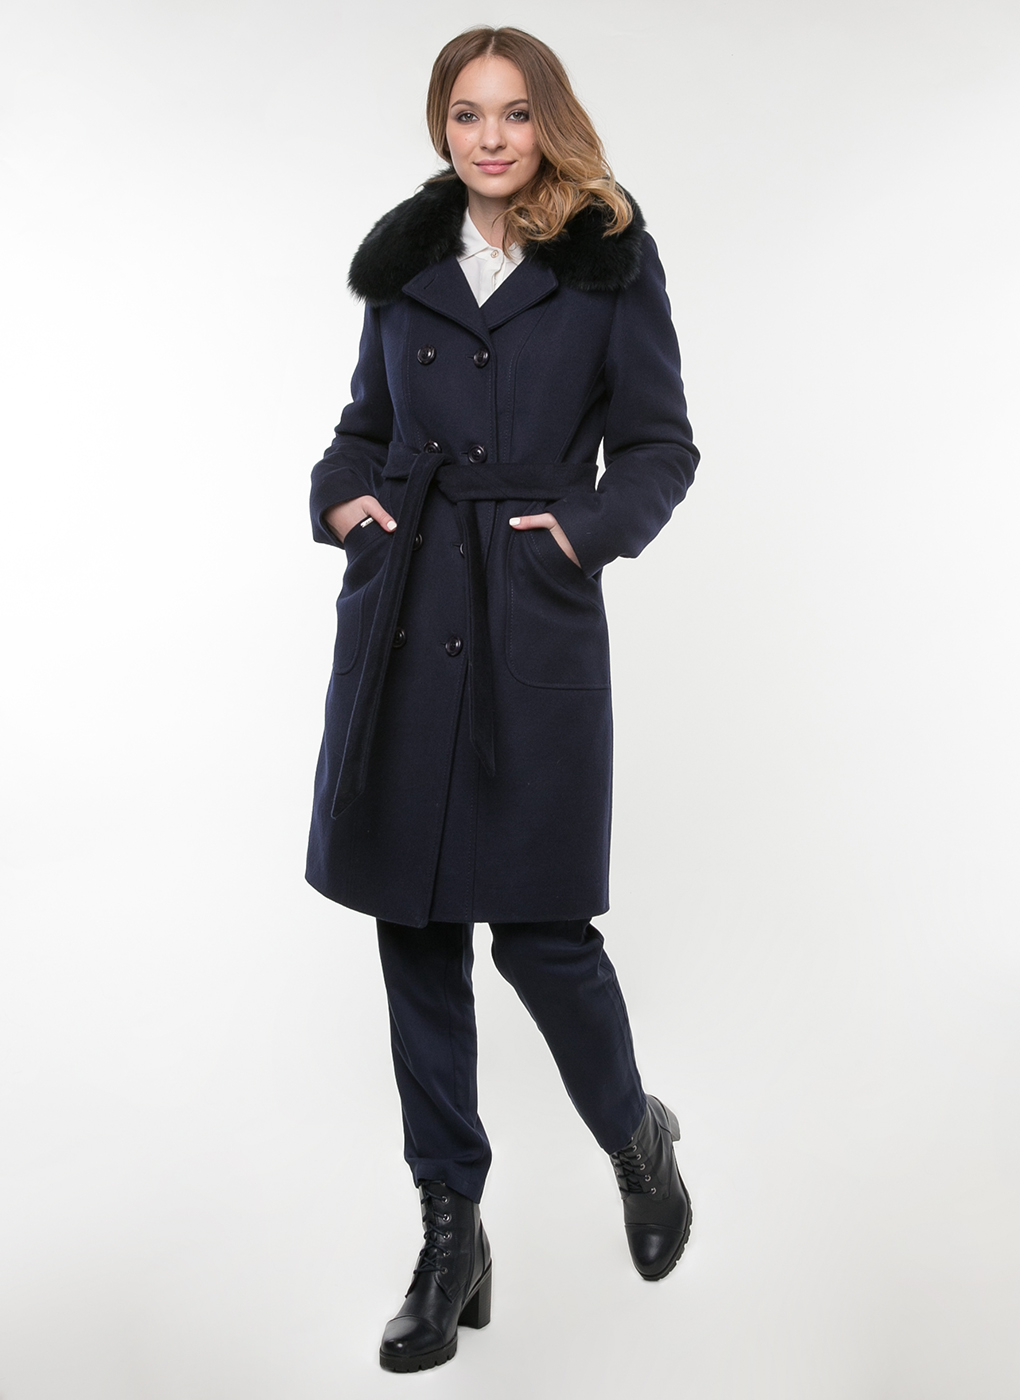 Пальто приталенное шерстяное 04, idekka